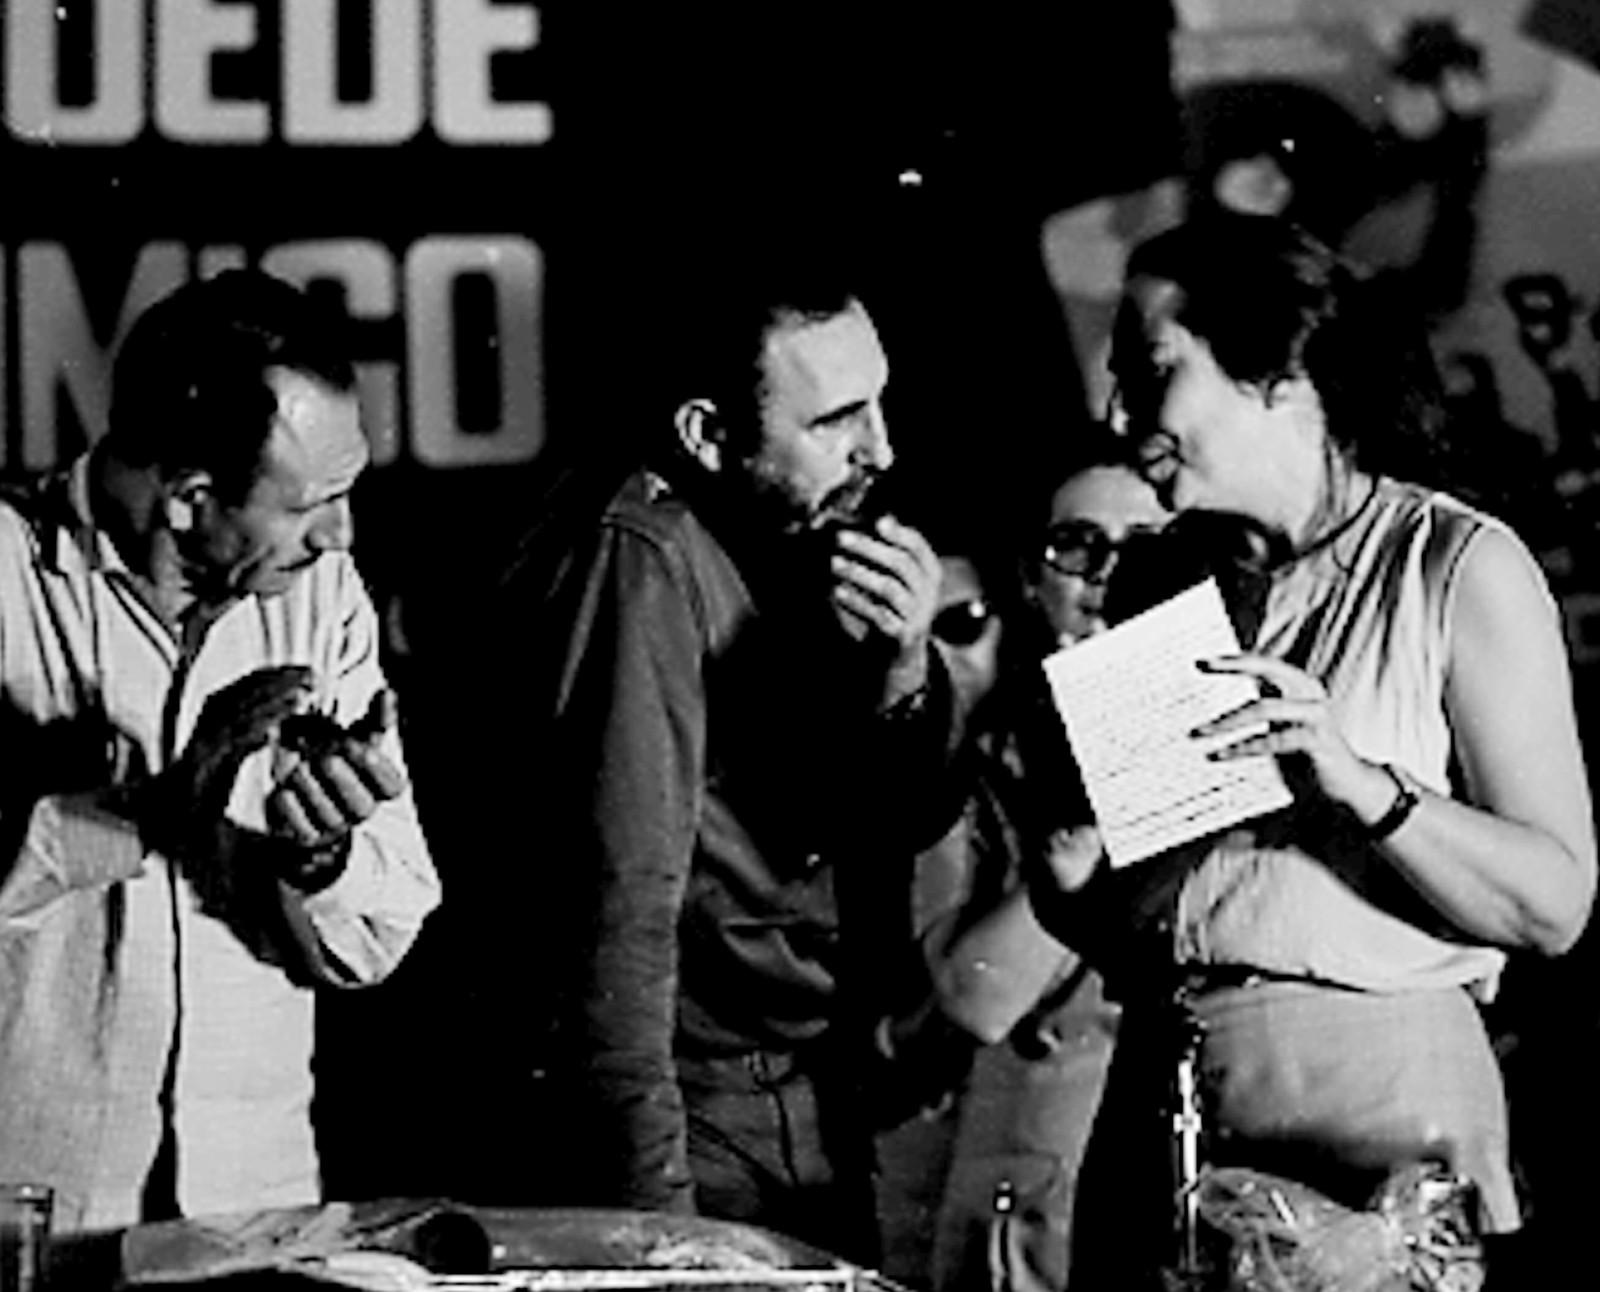 Fidel Castro sammen med sin svigerinne Vilma Espin Guillois, Raul Castros ektefelle. Guillois ble regnet som en av kommuniststatens mektigste kvinner.